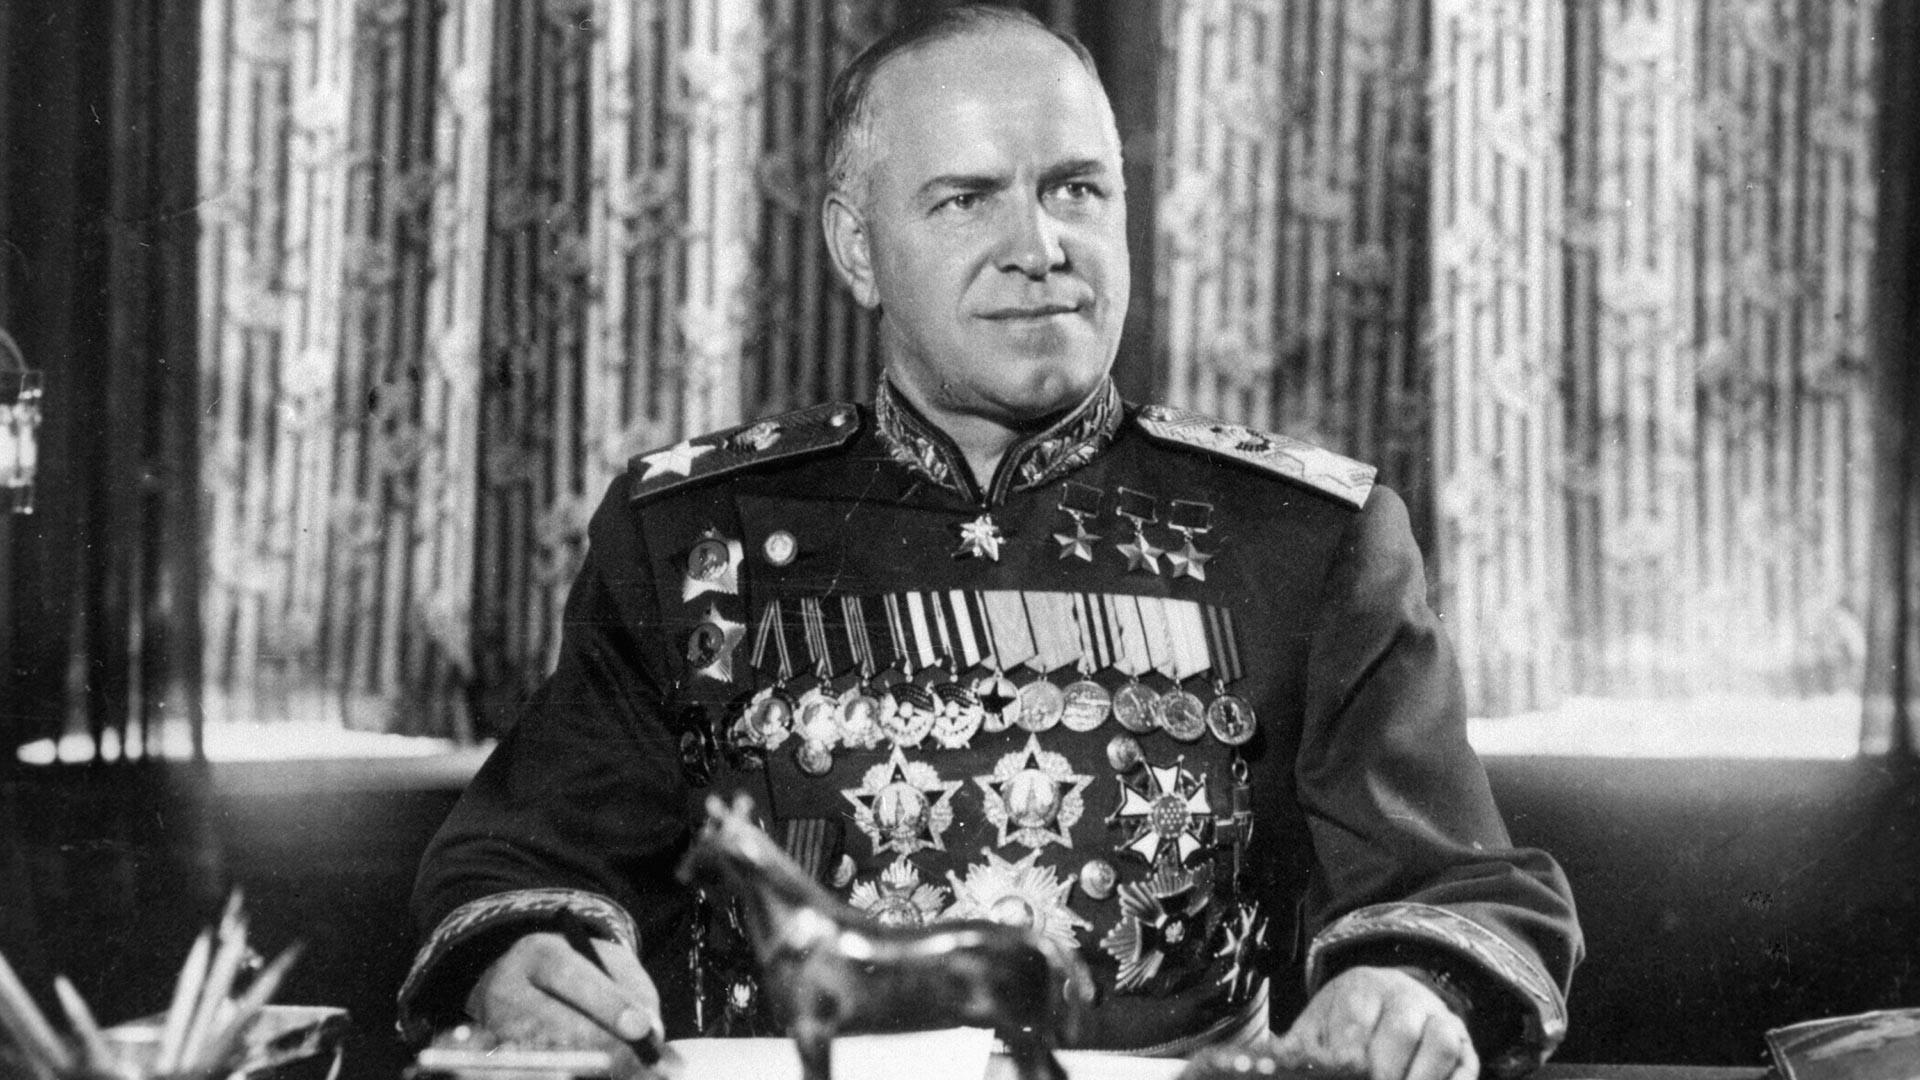 Maršal Sovjetske zveze Georgij Žukov